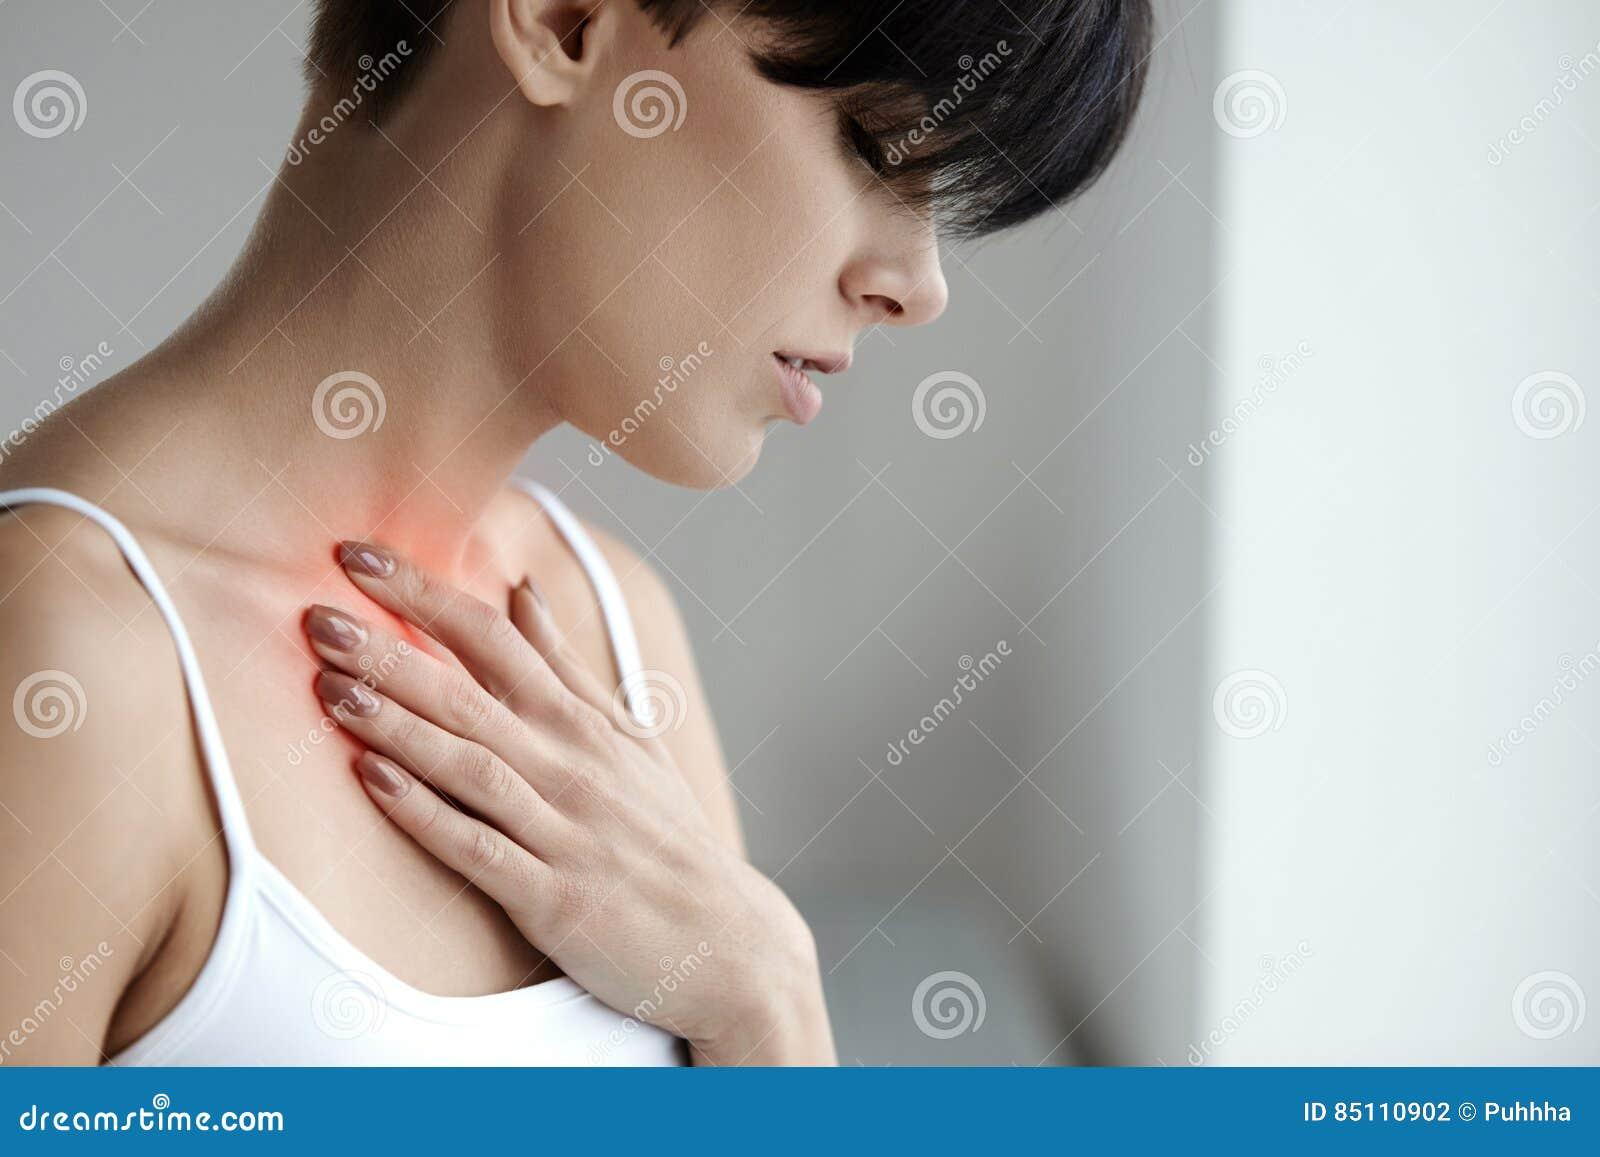 Schönes weibliches Leiden vom schmerzlichen Gefühl, Schmerz im Kasten